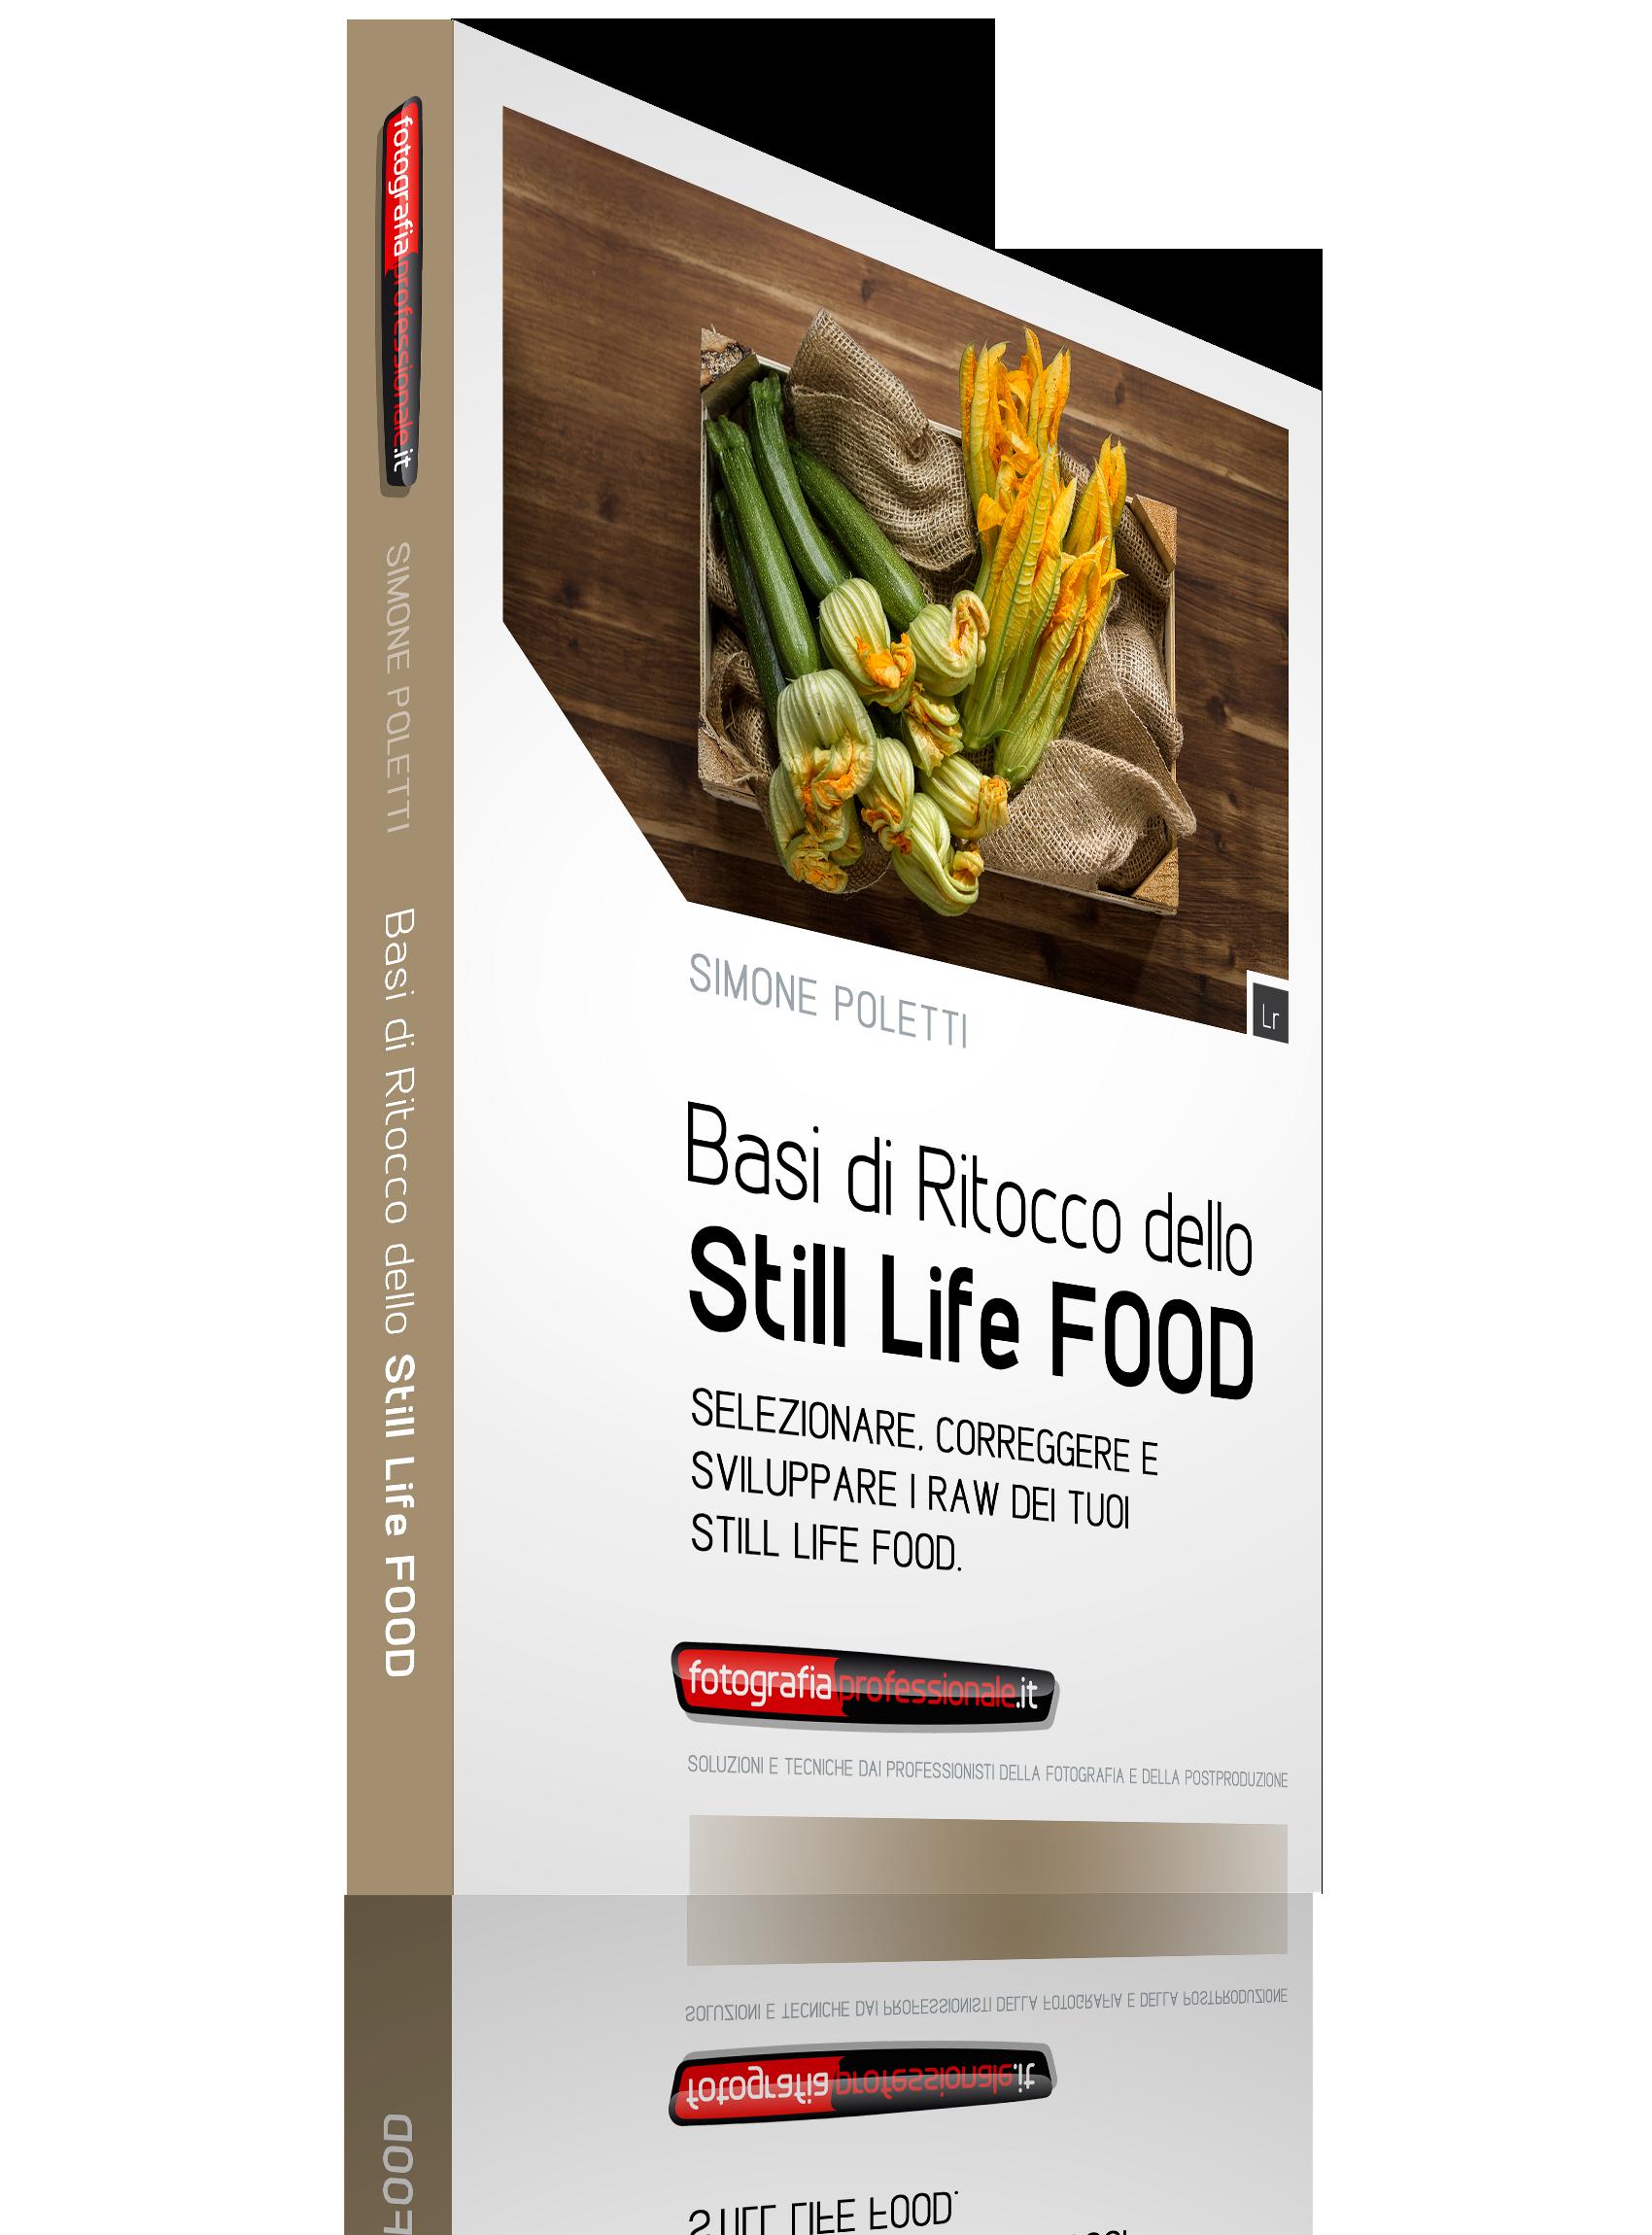 Basi di Ritocco dello Still Life Food